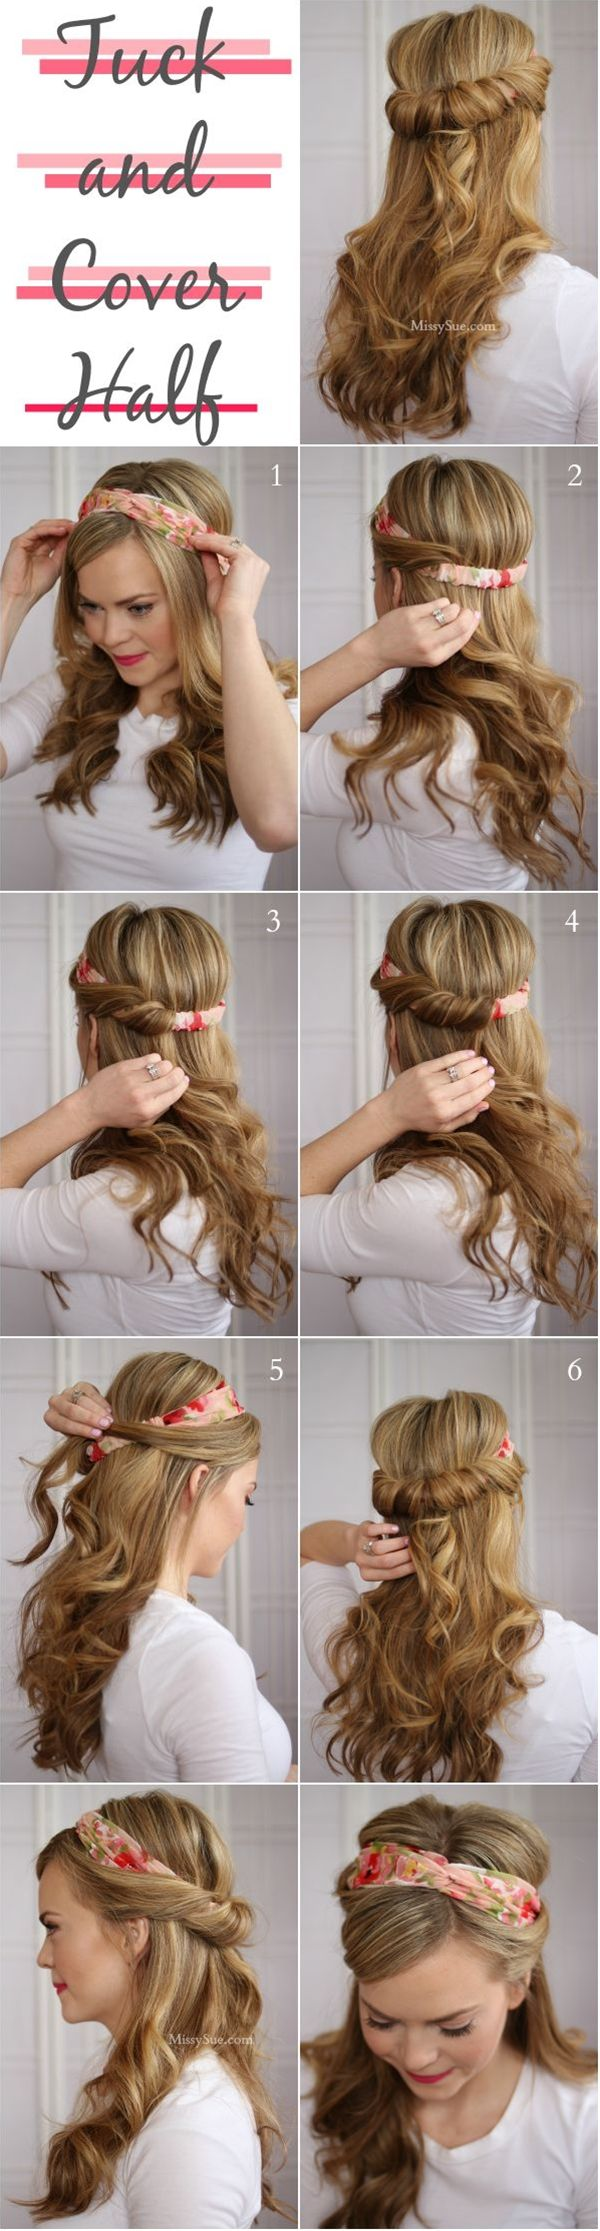 Peinado fácil y lindo!